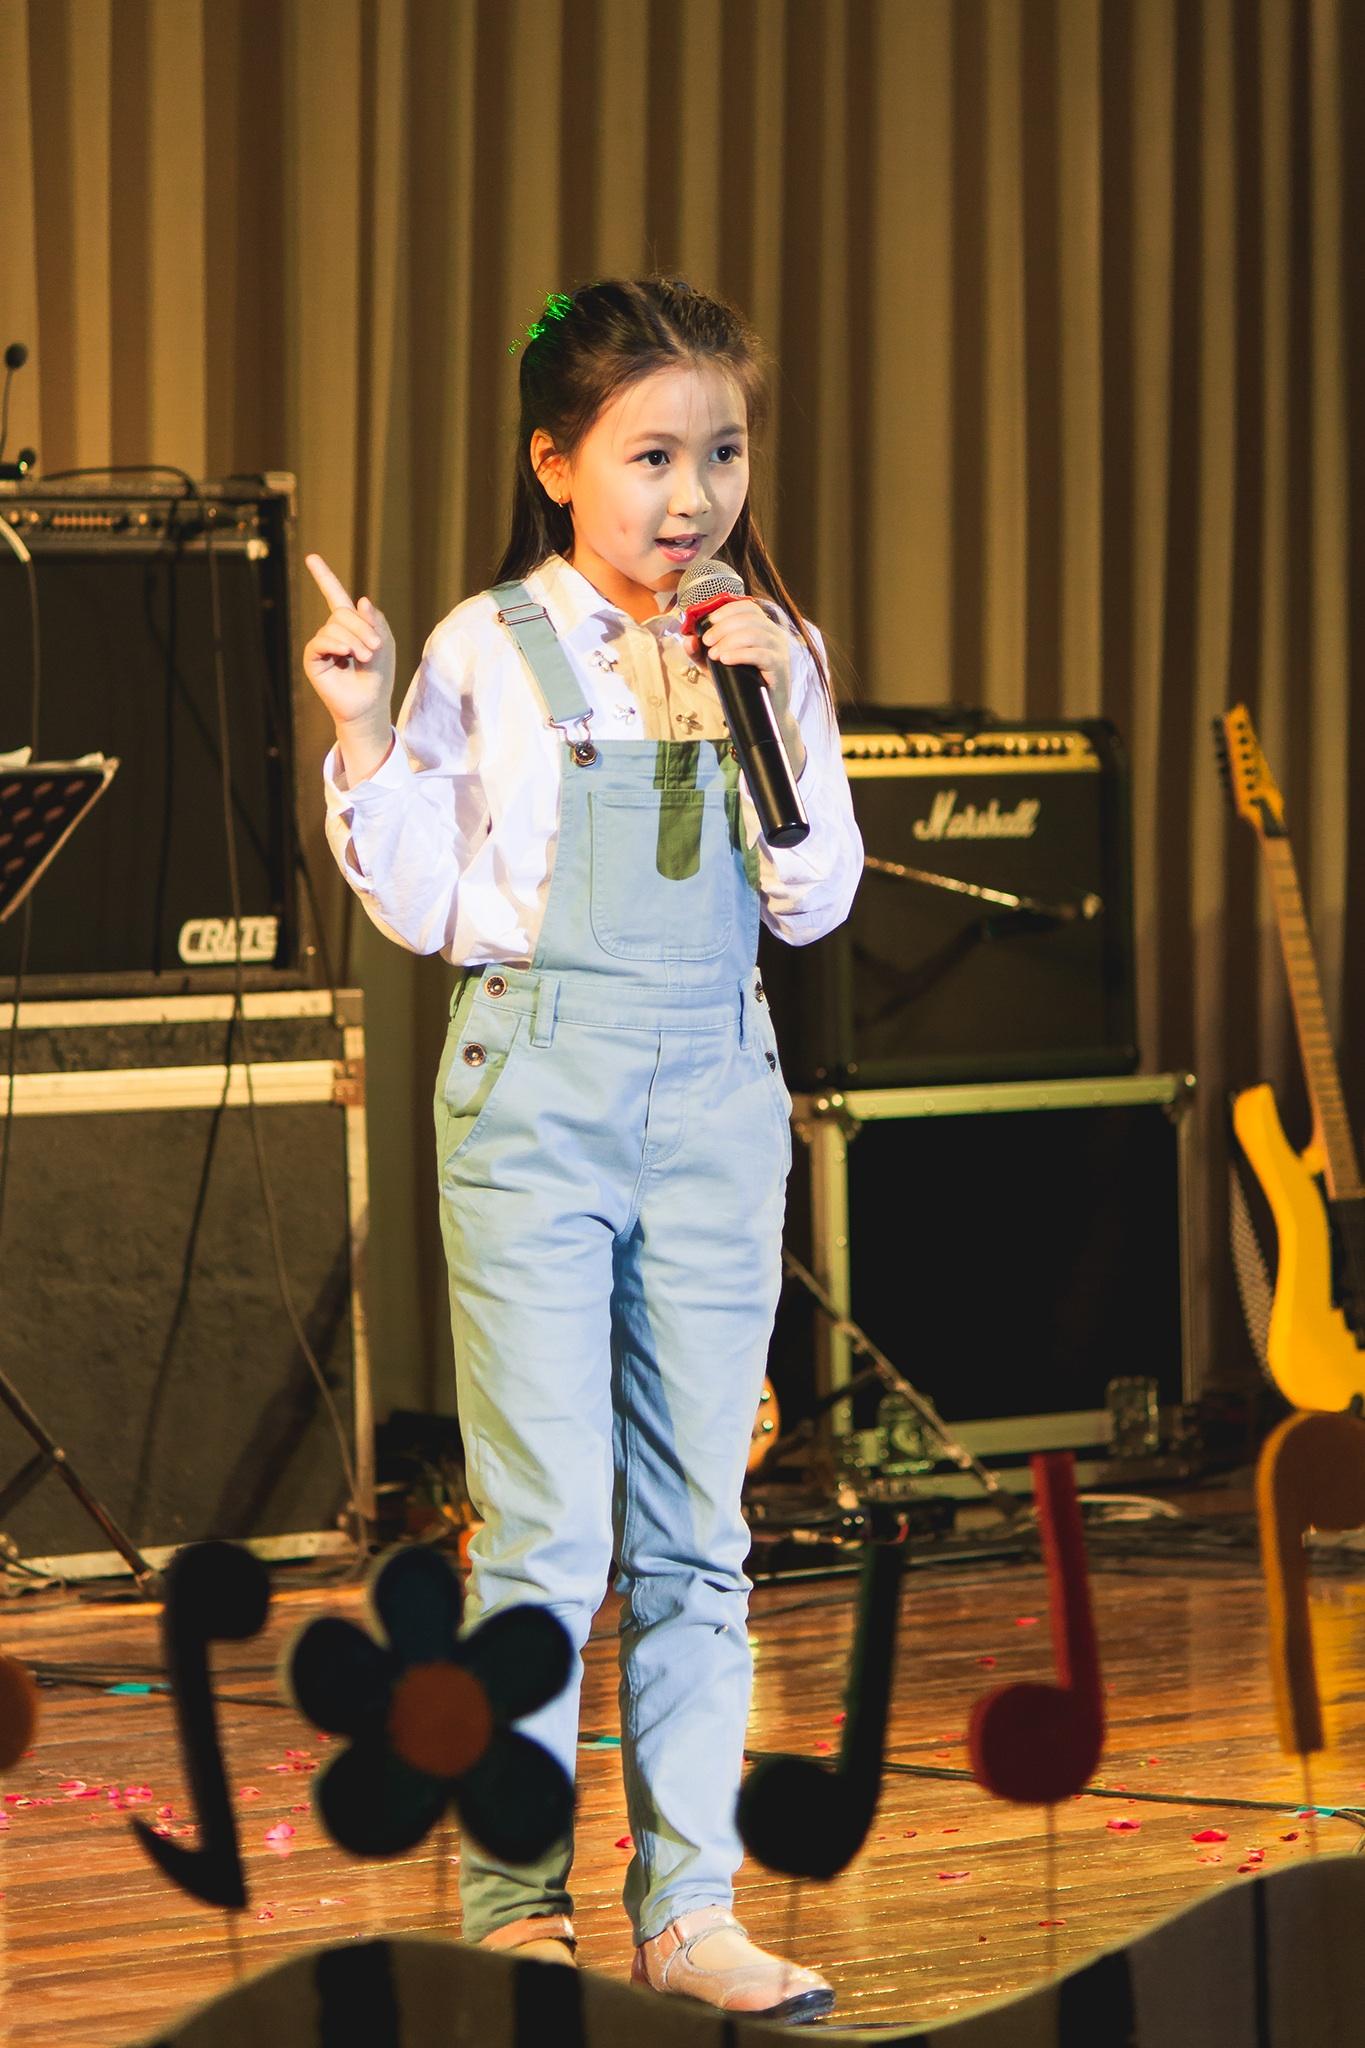 หลักสูตรเรียนร้องเพลง